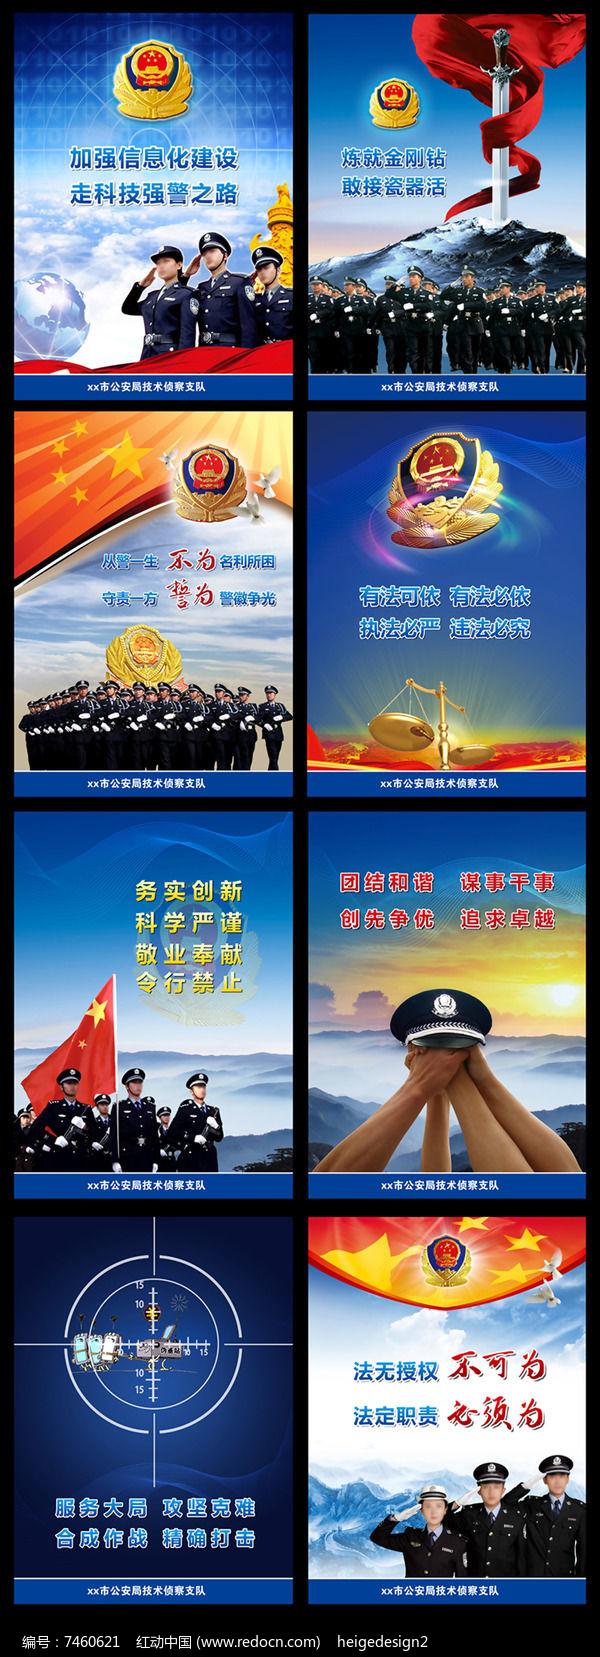 警营文化展板图片